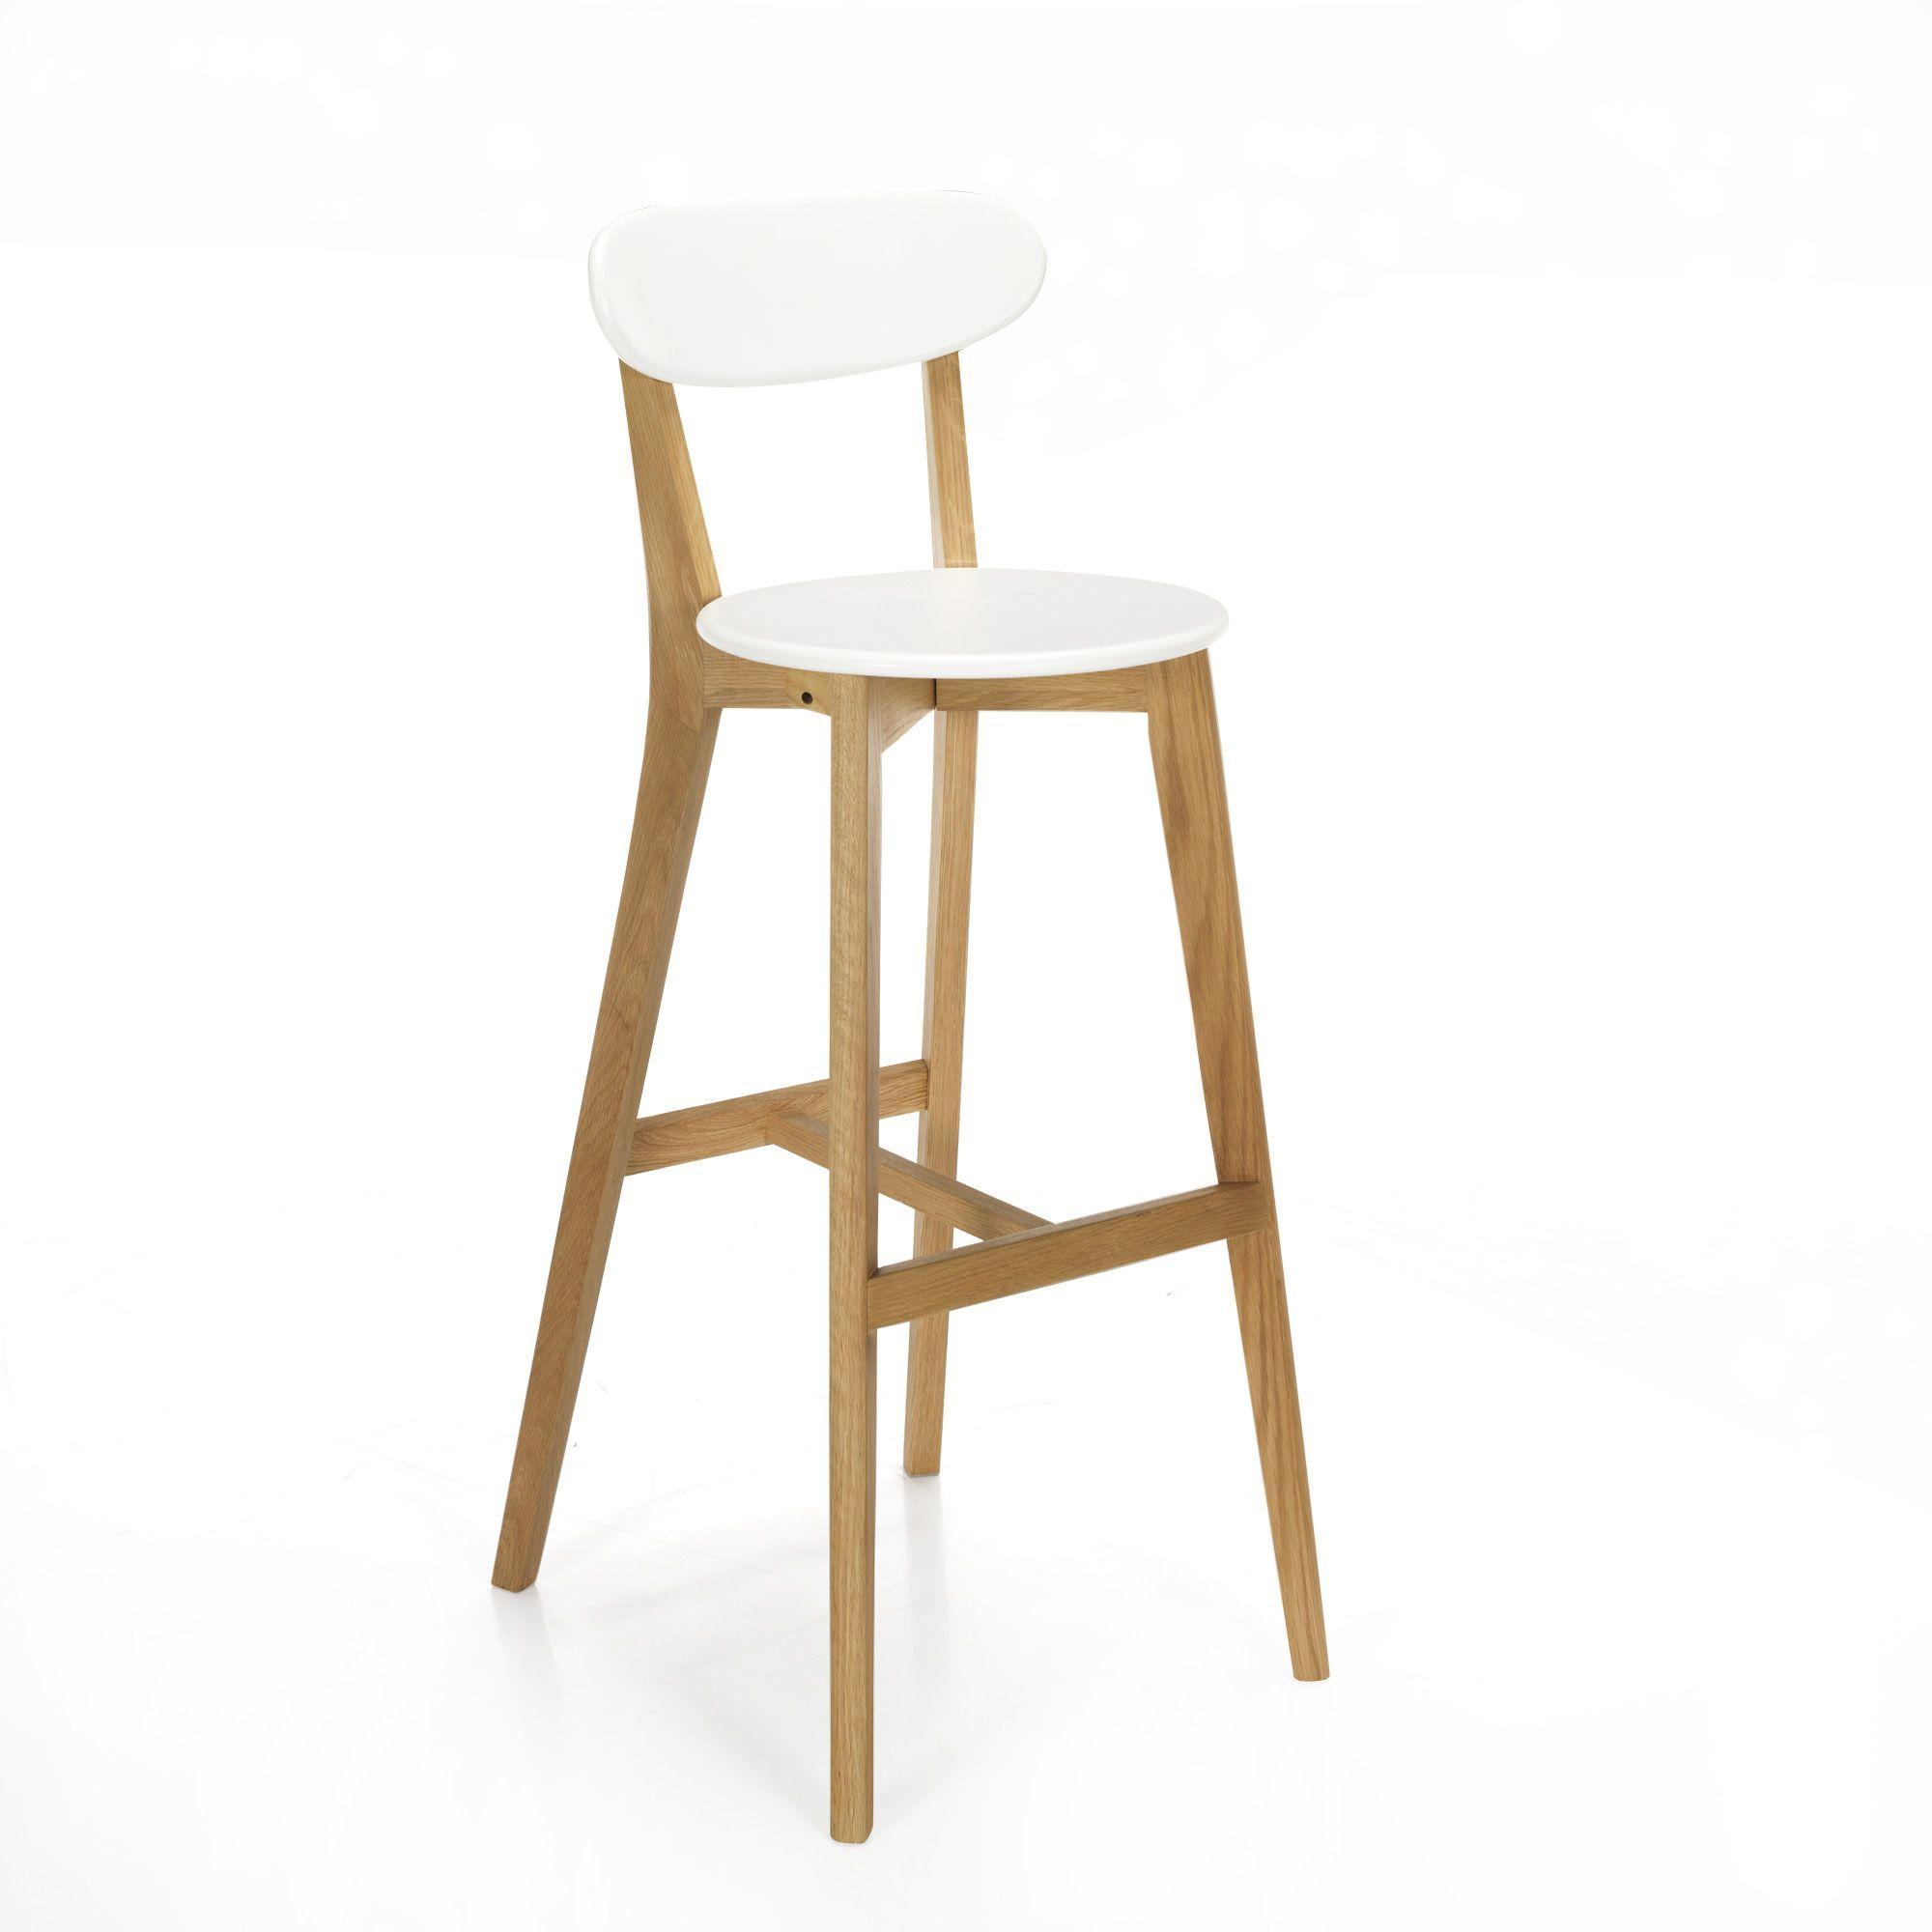 Chaise De Bar Design Scandinave Coloris Blanc Siwa Tabourets